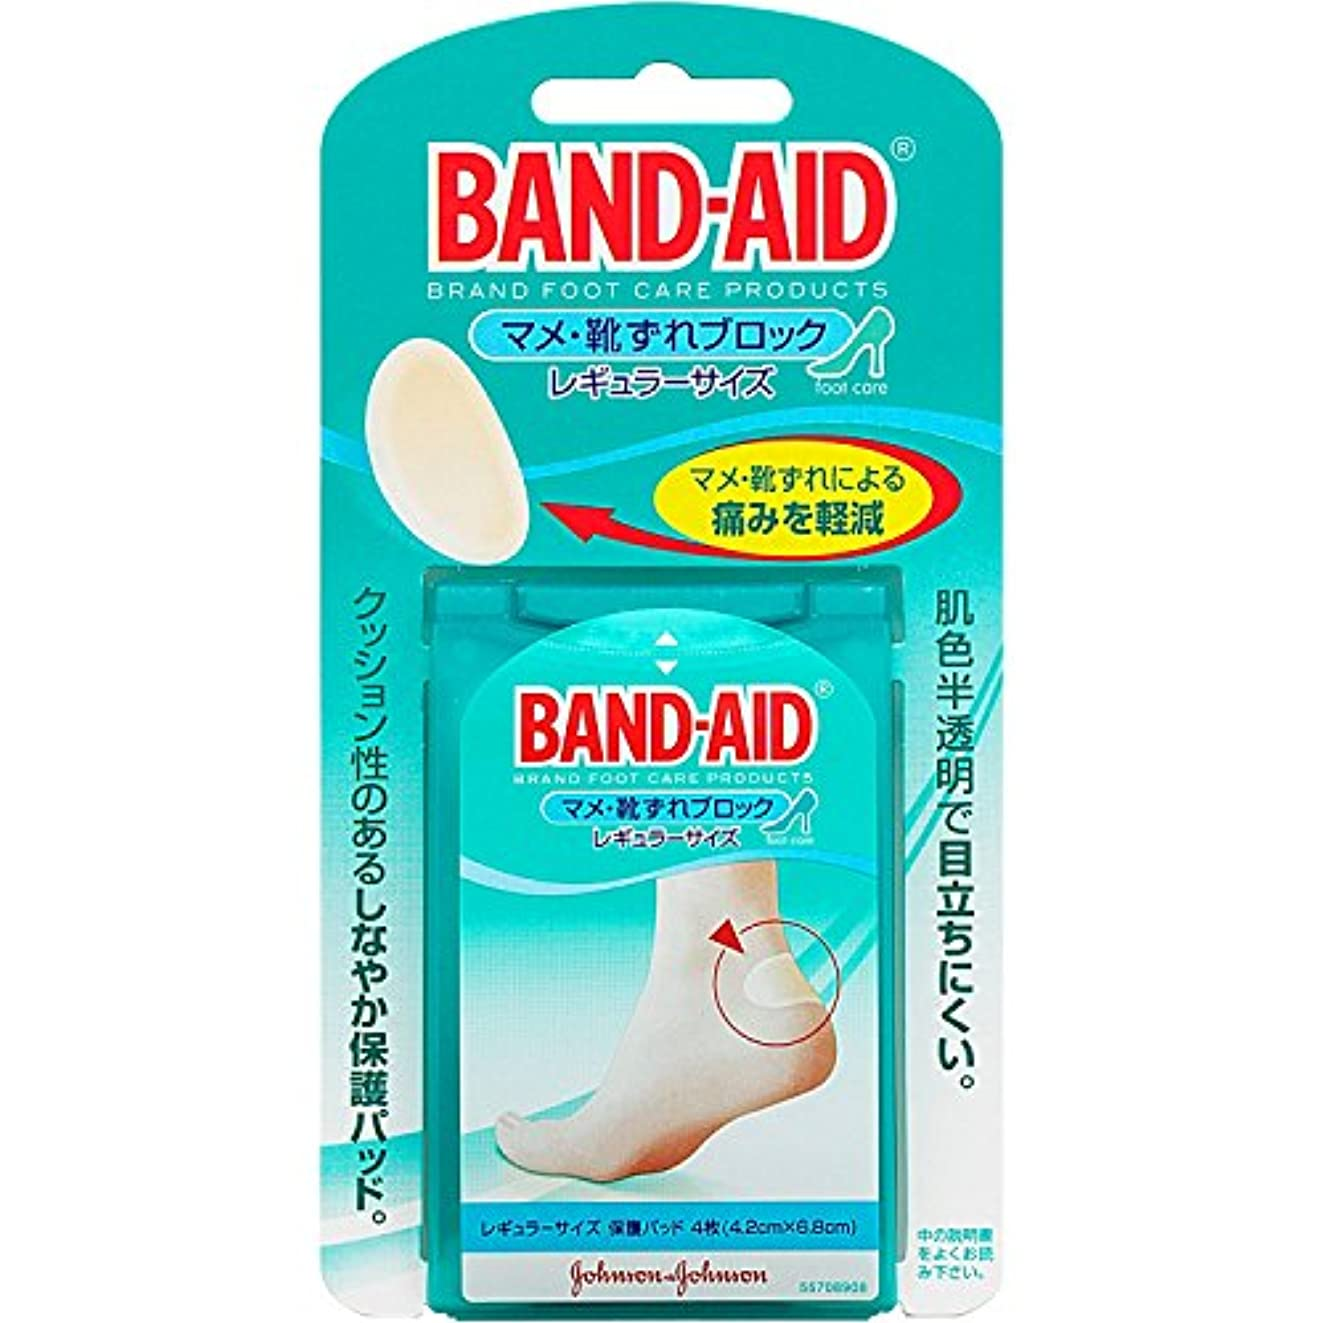 サイクロプス納税者証言BAND-AID(バンドエイド) マメ?靴ずれブロック レギュラーサイズ 4枚